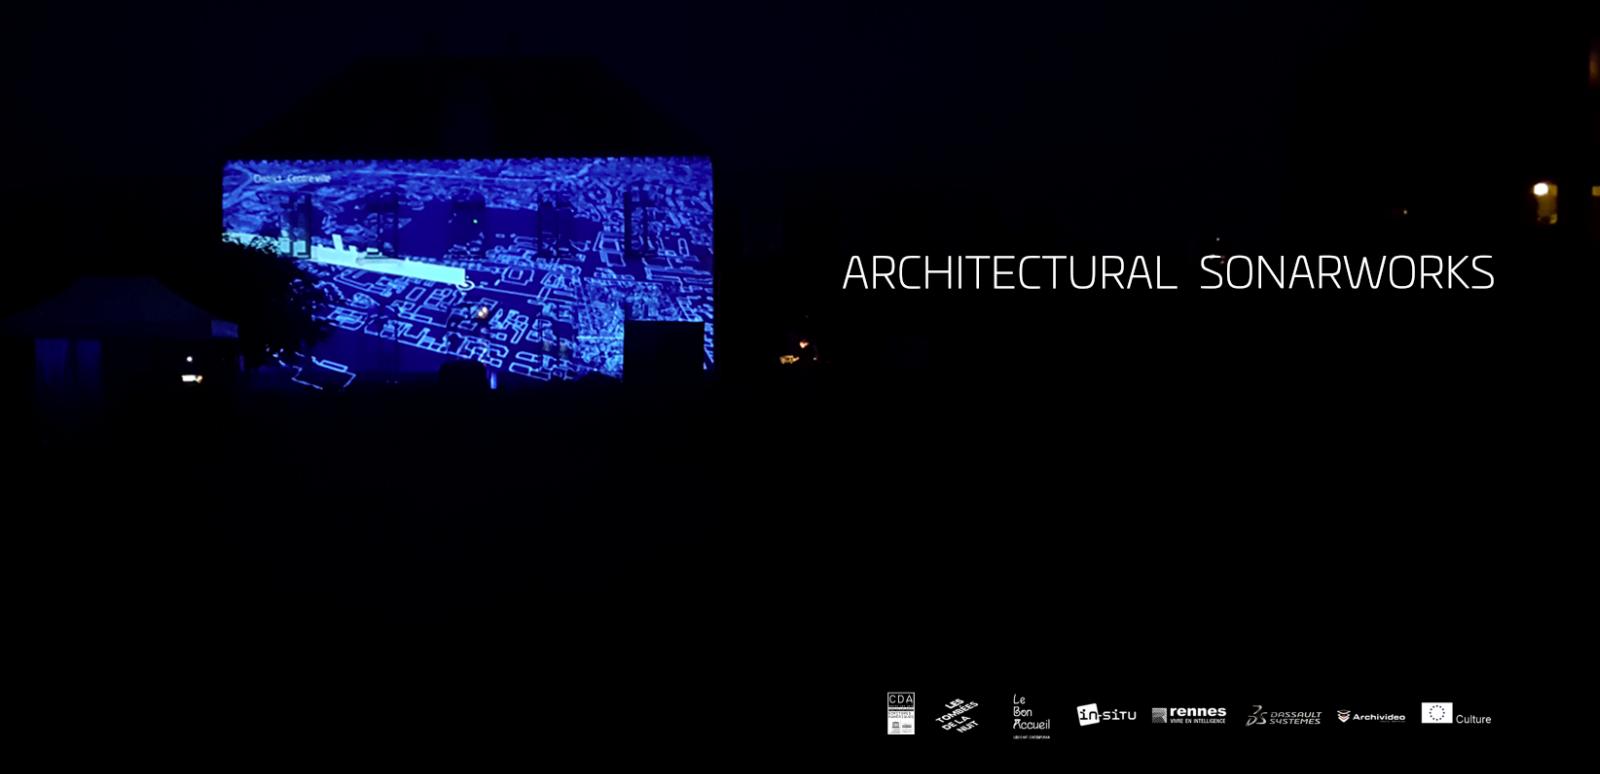 architectural sonarworks   plasticien